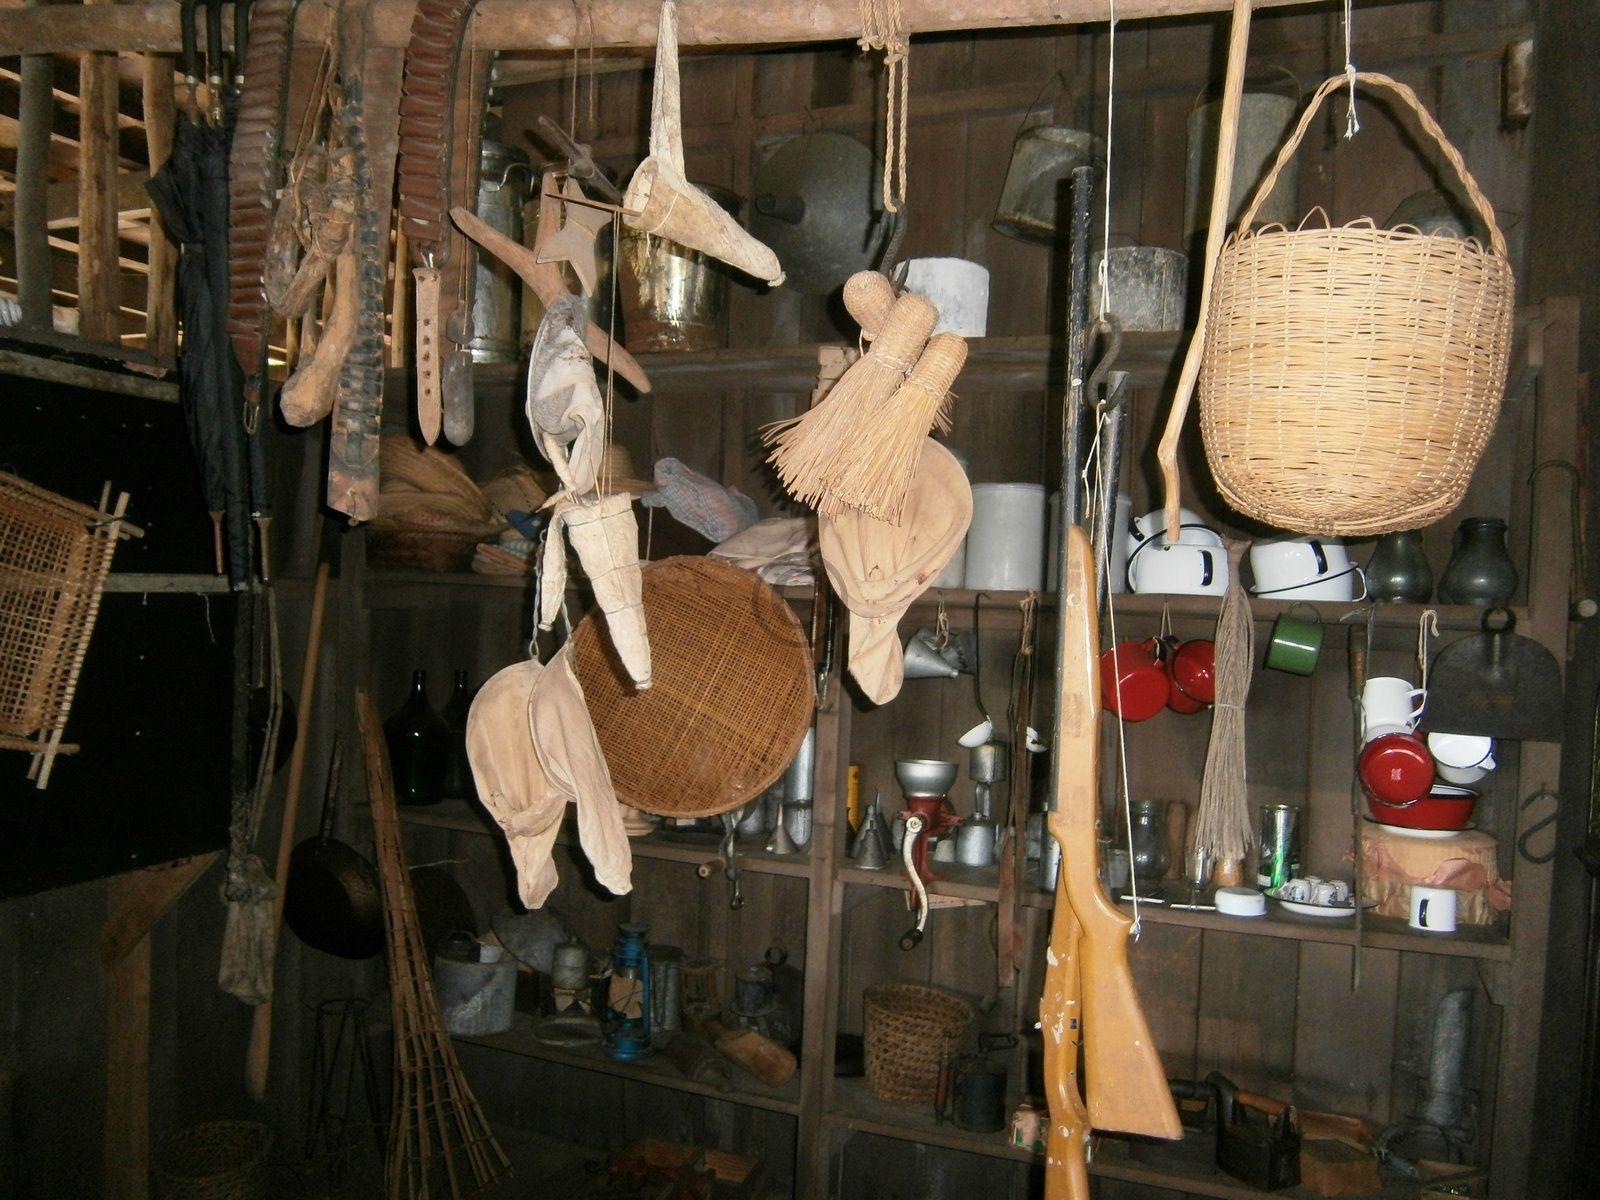 Le musée du caoutchouc